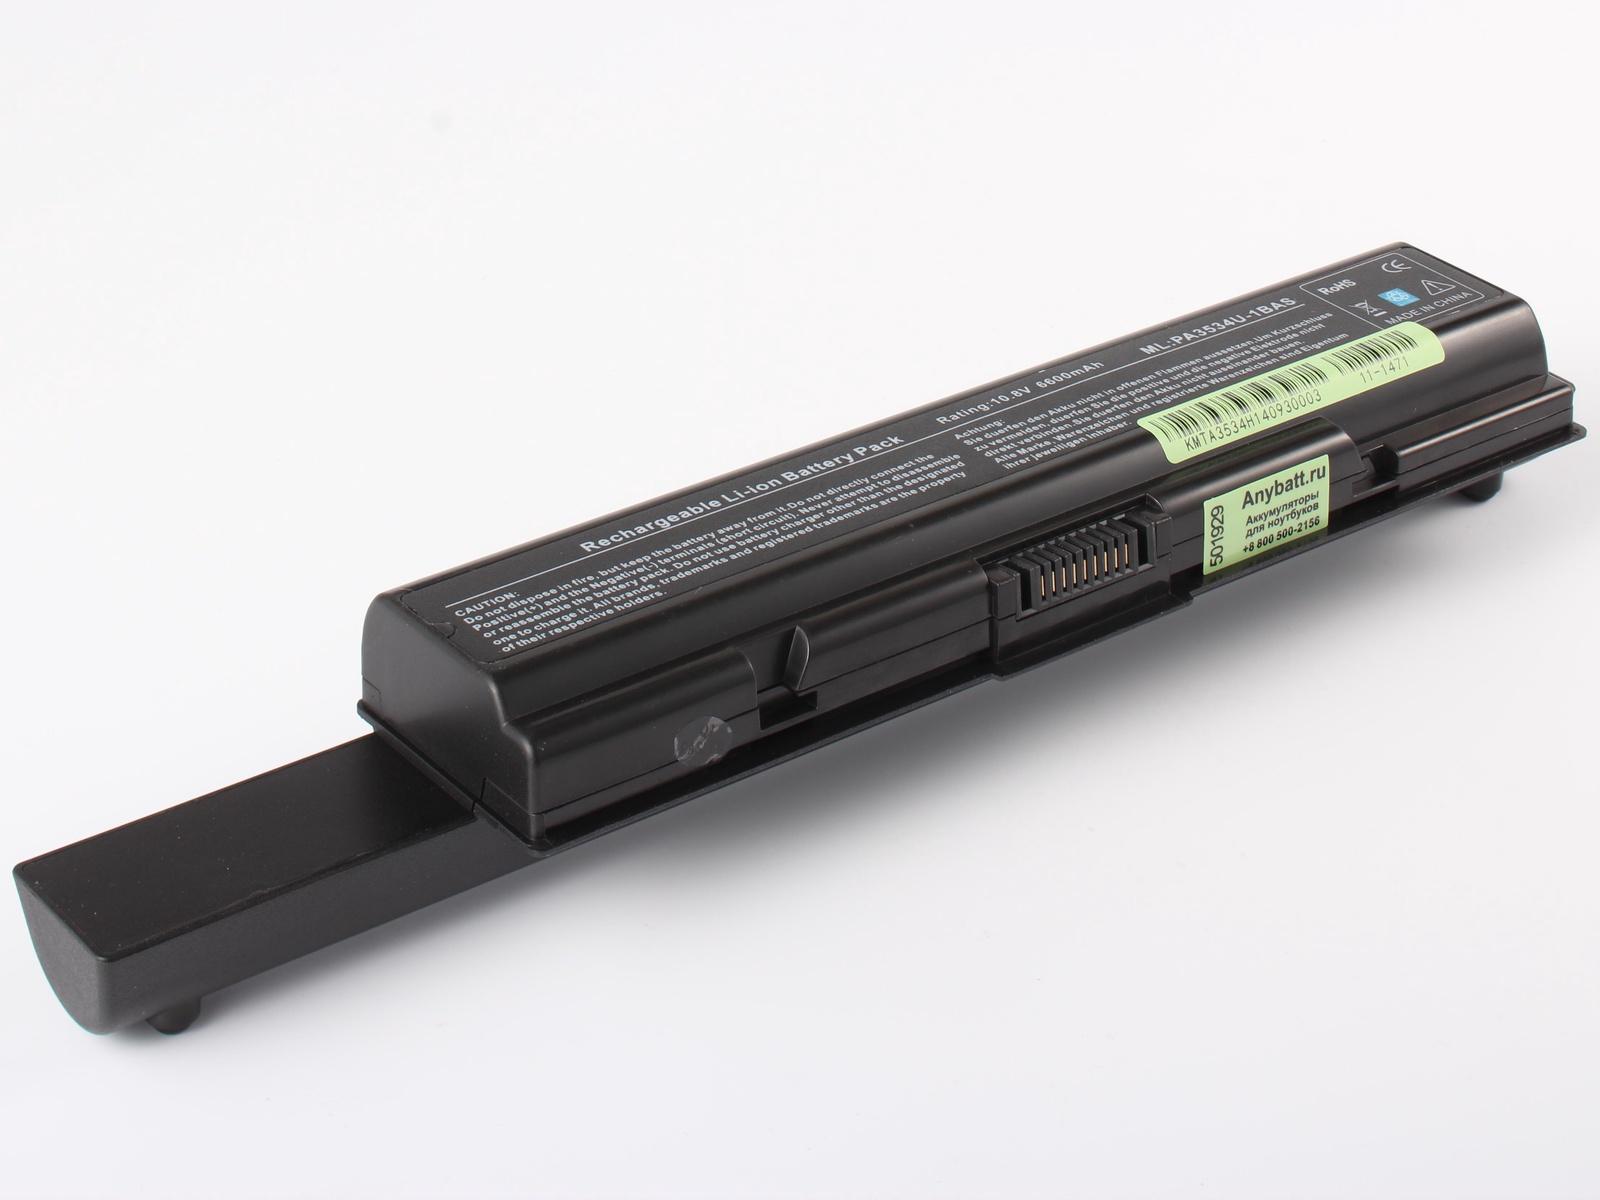 Фото - Аккумулятор для ноутбука AnyBatt для ToshiBa Satellite L300-11G, Satellite L500-14X, Satellite L505-S5990, Satellite L550-20Q, Satellite A200-1YU, Satellite A300-144, Satellite L300-2CD, Satellite L550D, Satellite A200-1IZ аккумулятор rocknparts для toshiba satellite l750 48wh 10 8v 432092